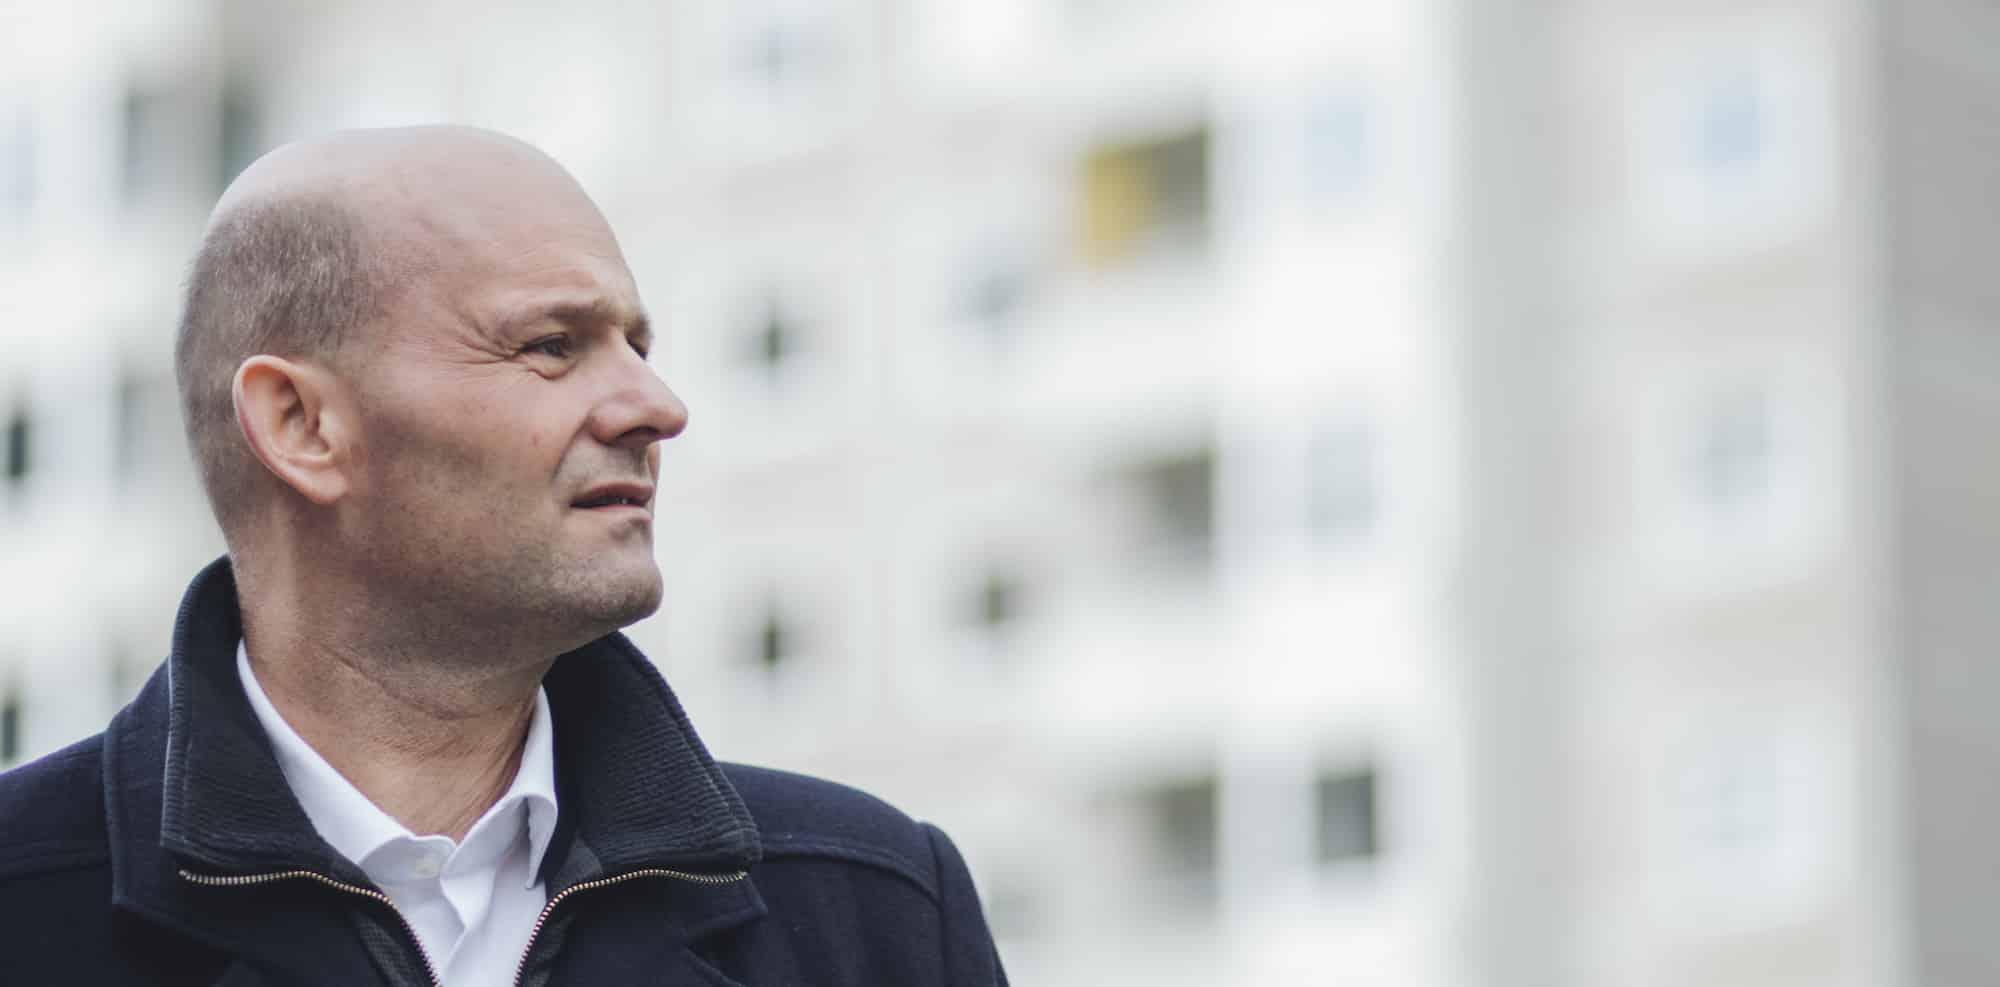 Søren Pape foran grå betonbygninger